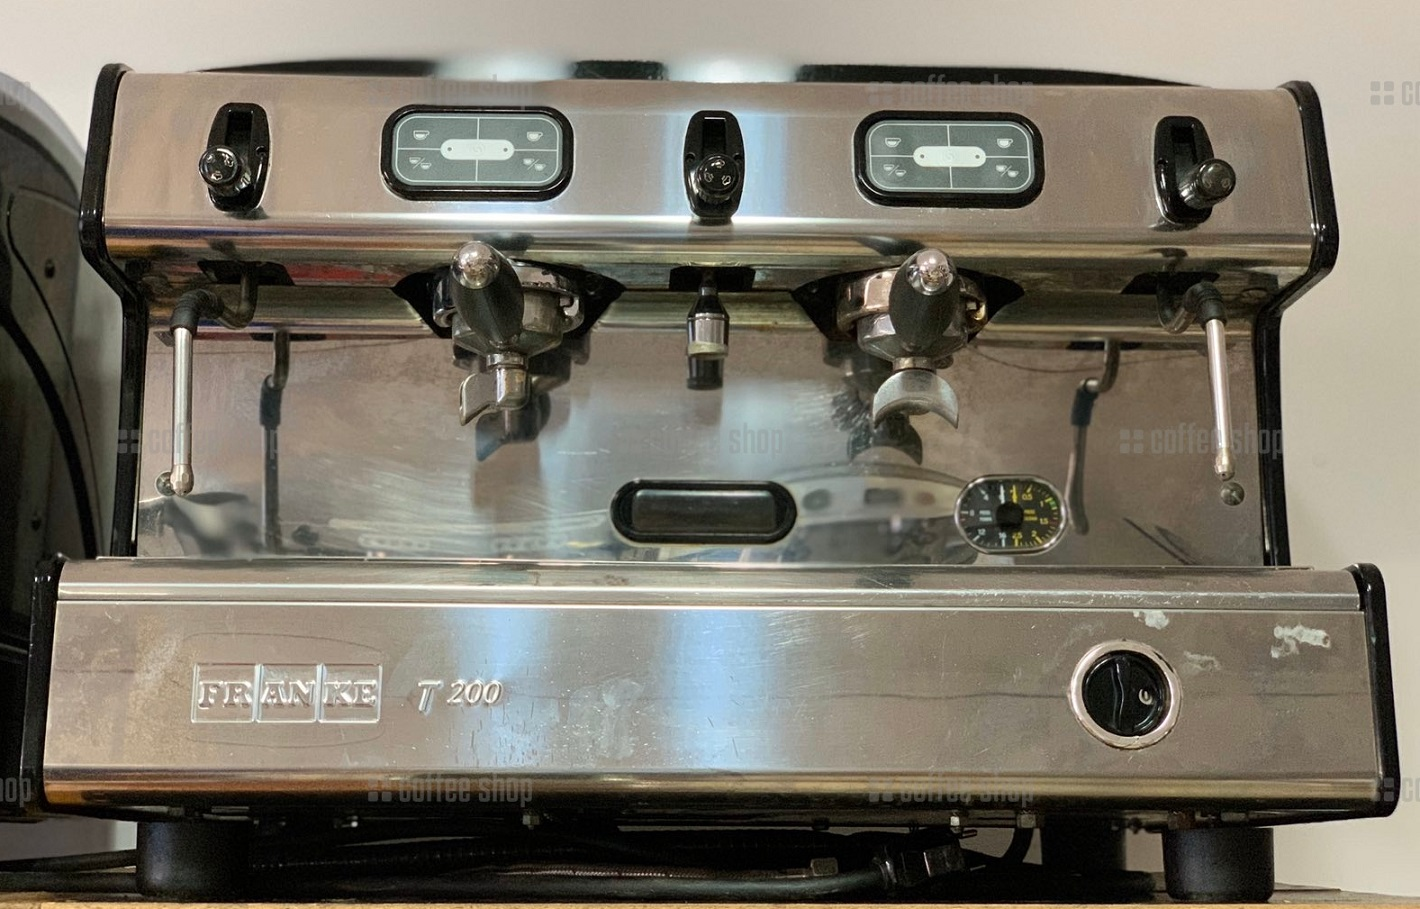 16463 | Кофемашина профессиональная FRANKE T200 2GR б/у | Coffee Shop